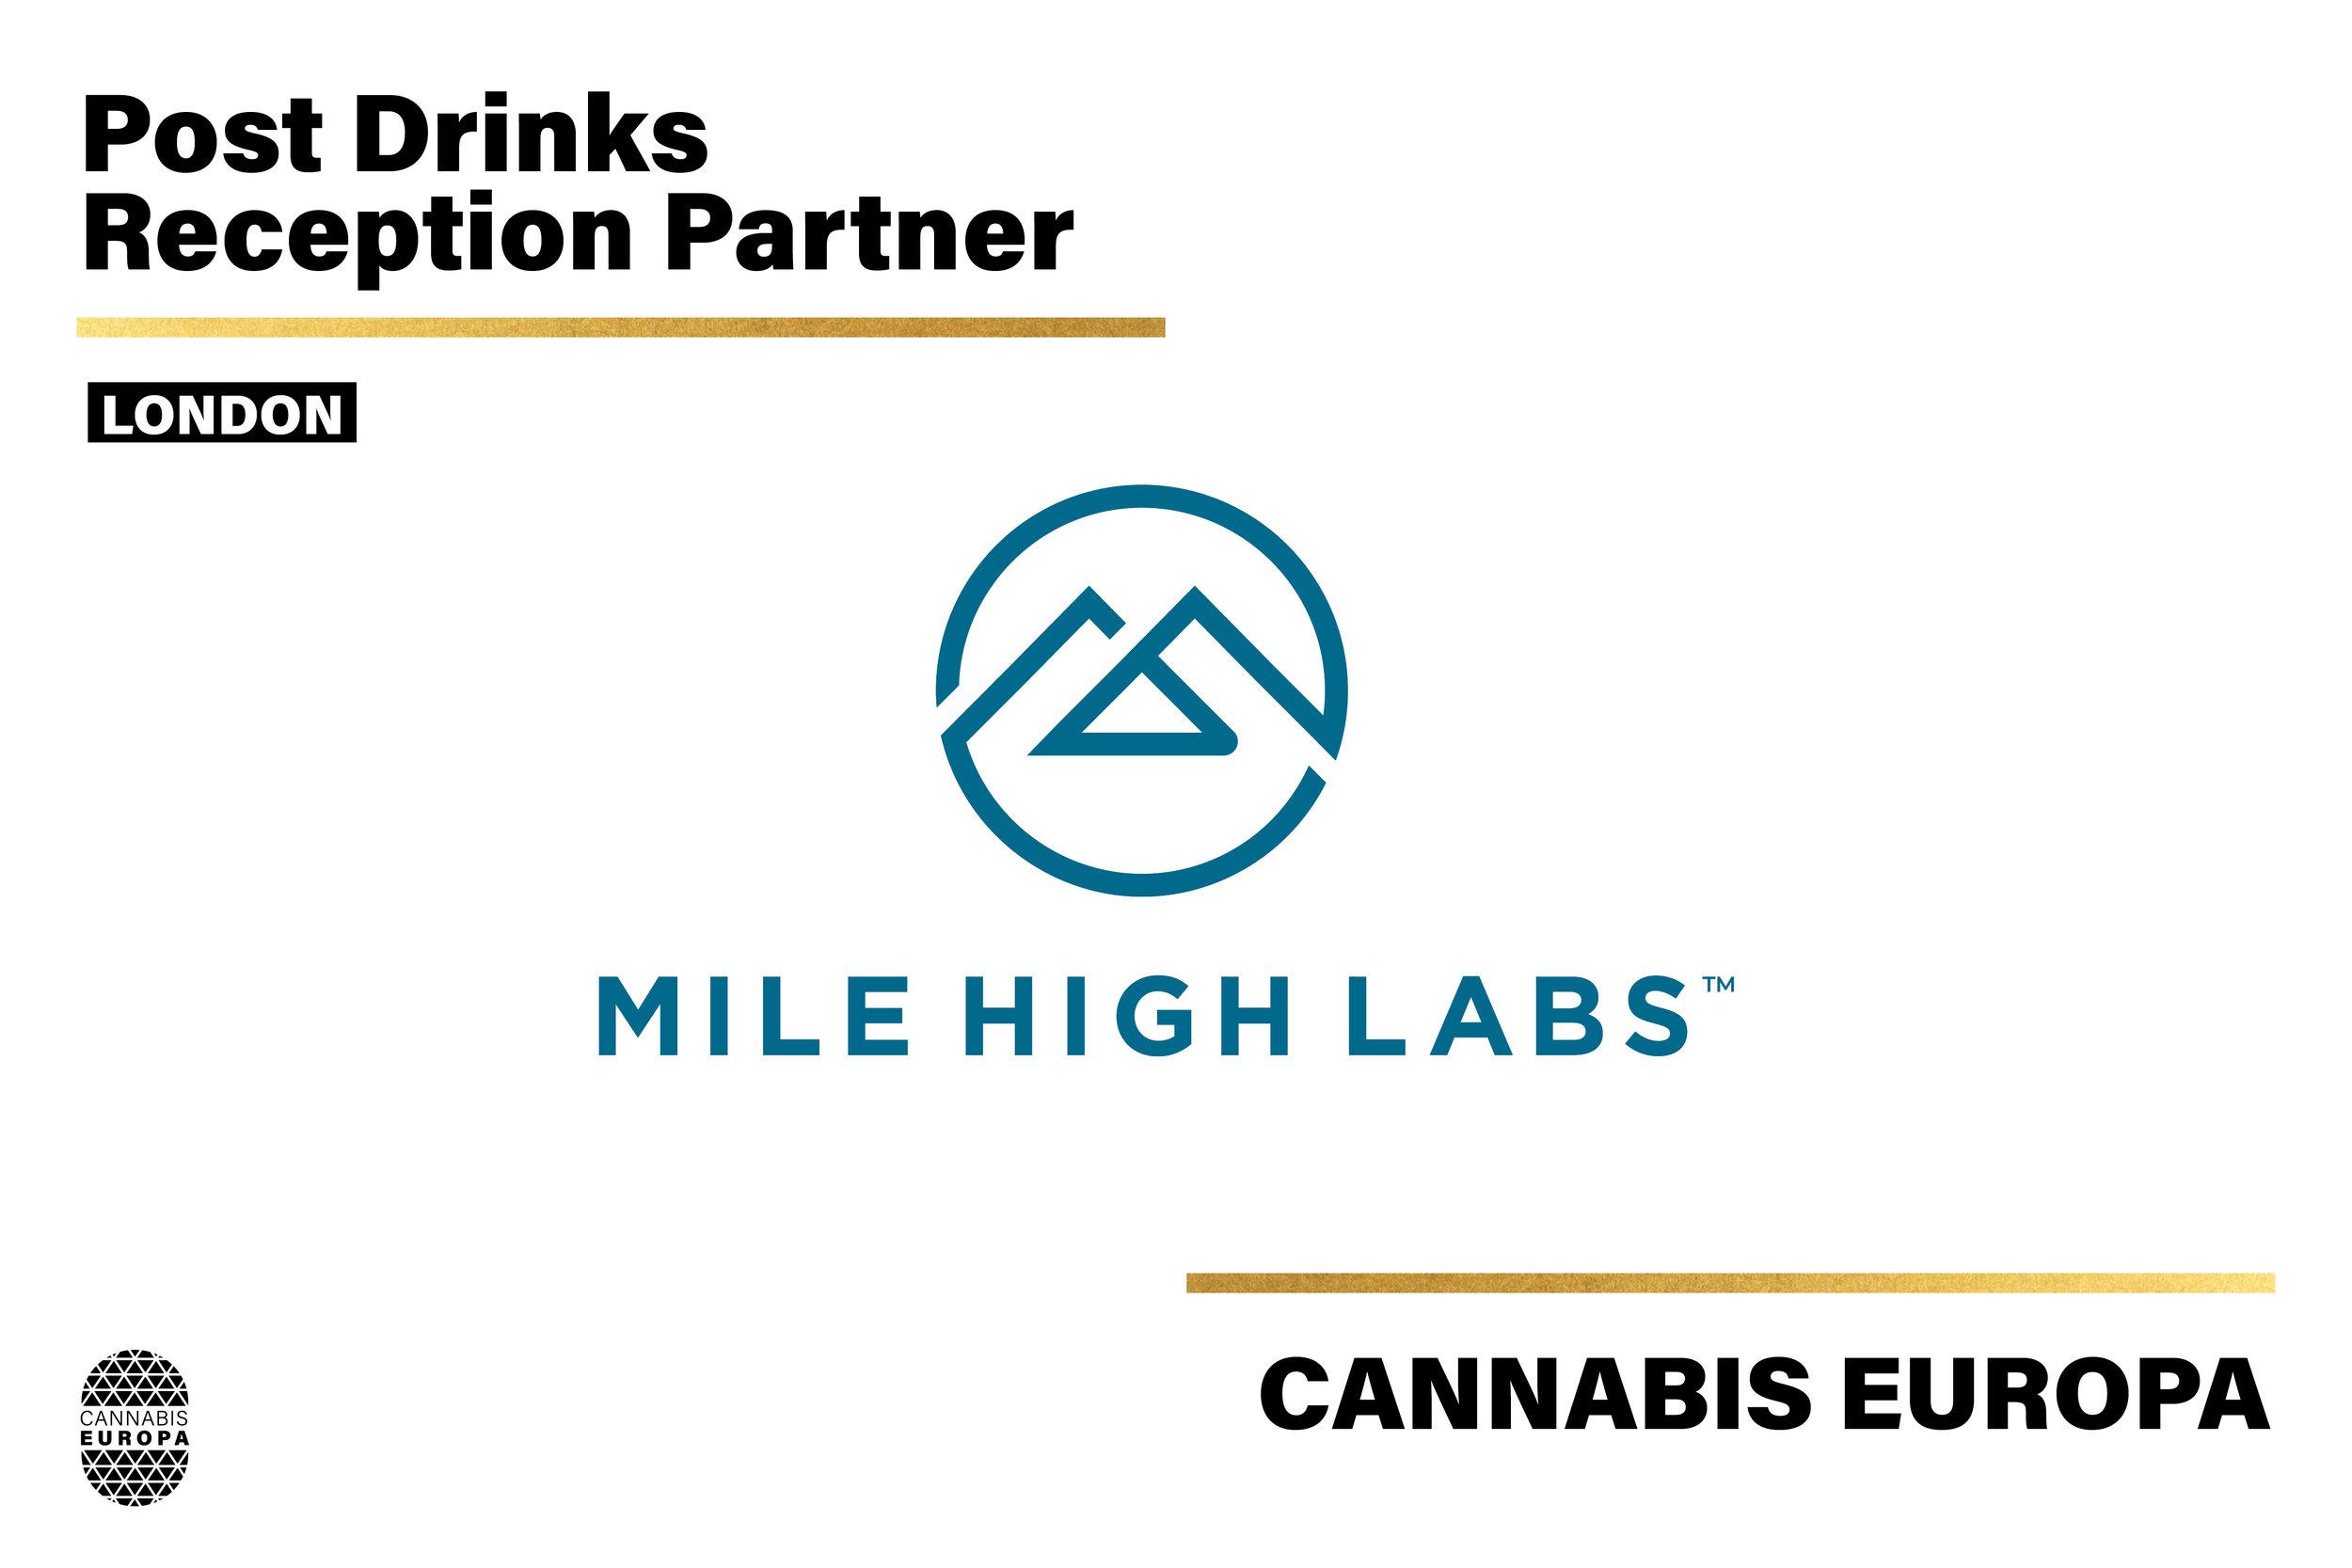 Partner Announcement MHL (post drinks) - LinkedIn -.jpg